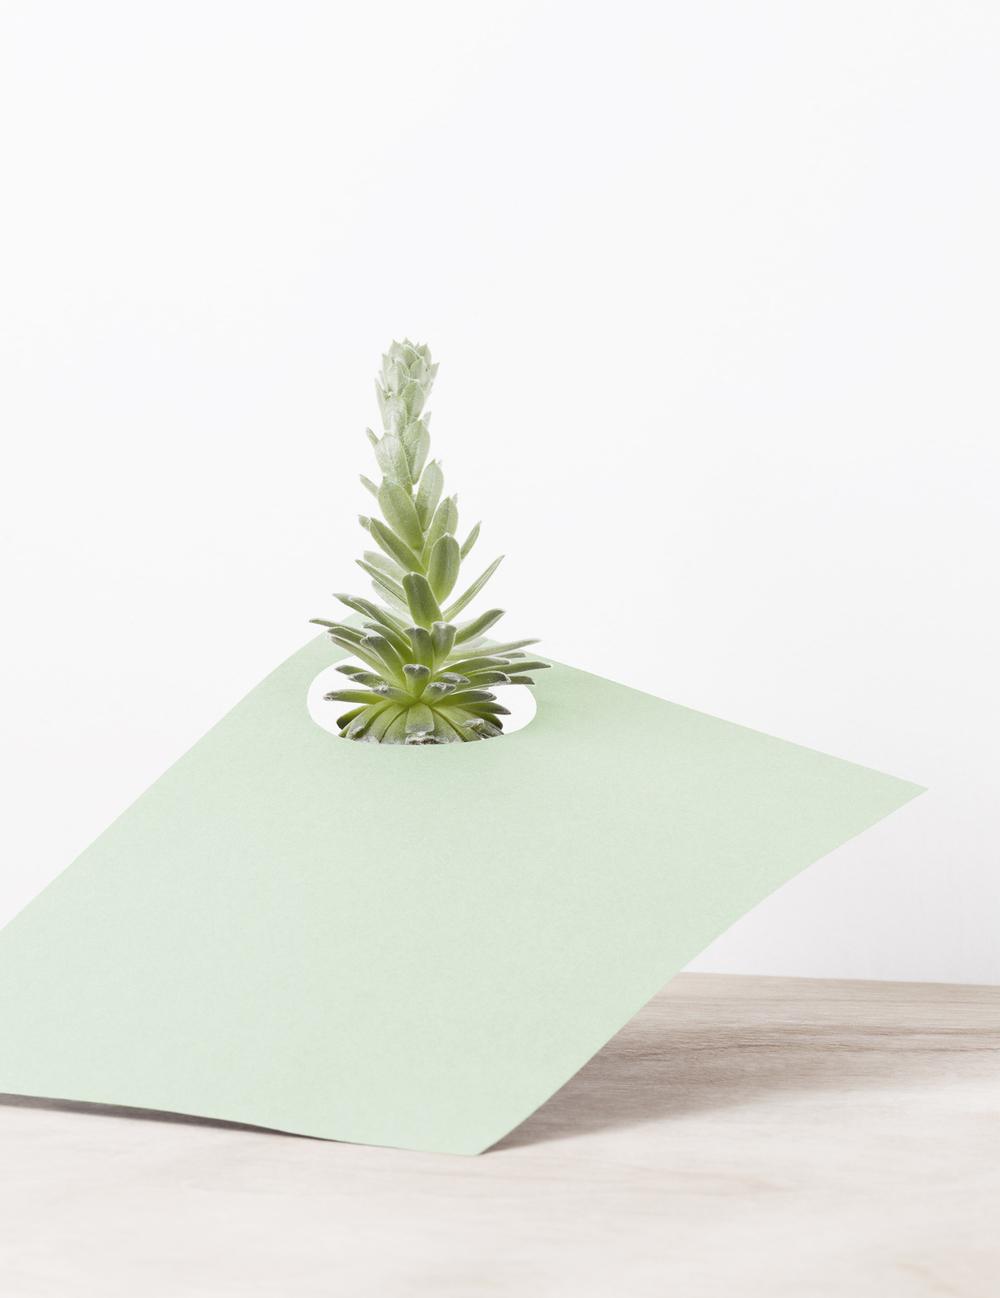 paper-plant-martina-lang-thatsitmag4.jpeg